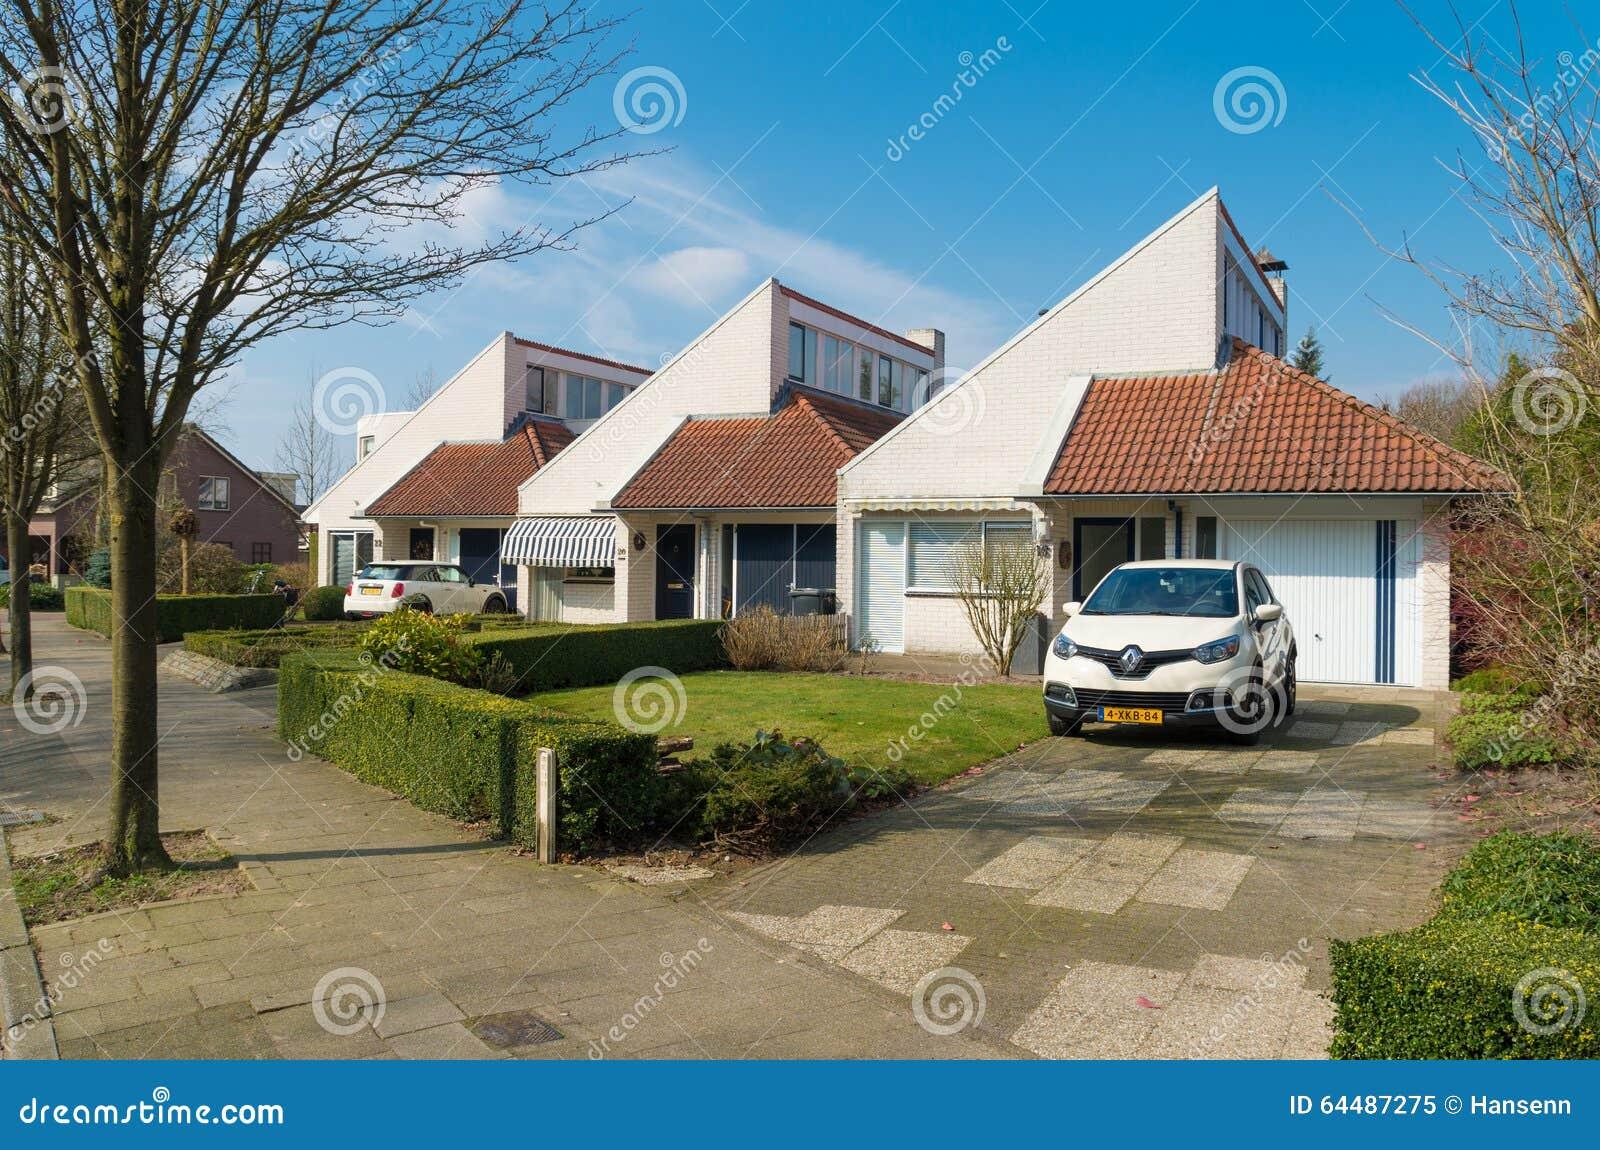 Case Moderne Nei Paesi Bassi Immagine Editoriale Immagine Di